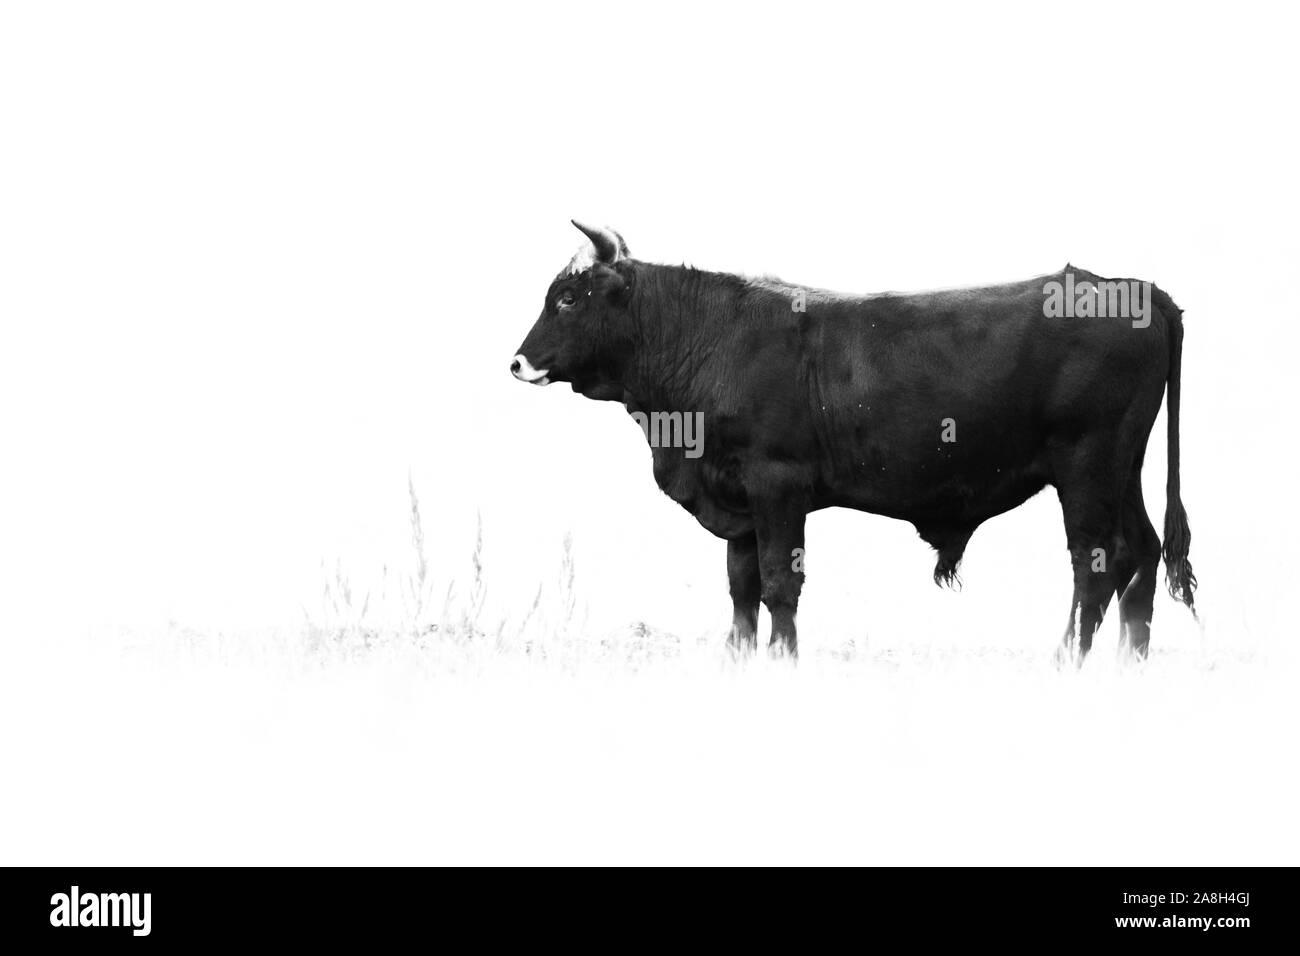 Bovins Heck (Bos primigenius f. taurus), bull dans un pâturage en fin de soirée, la tentative de retour de la race disparue l'aurochs (Bos primigenius), Hongrie Banque D'Images